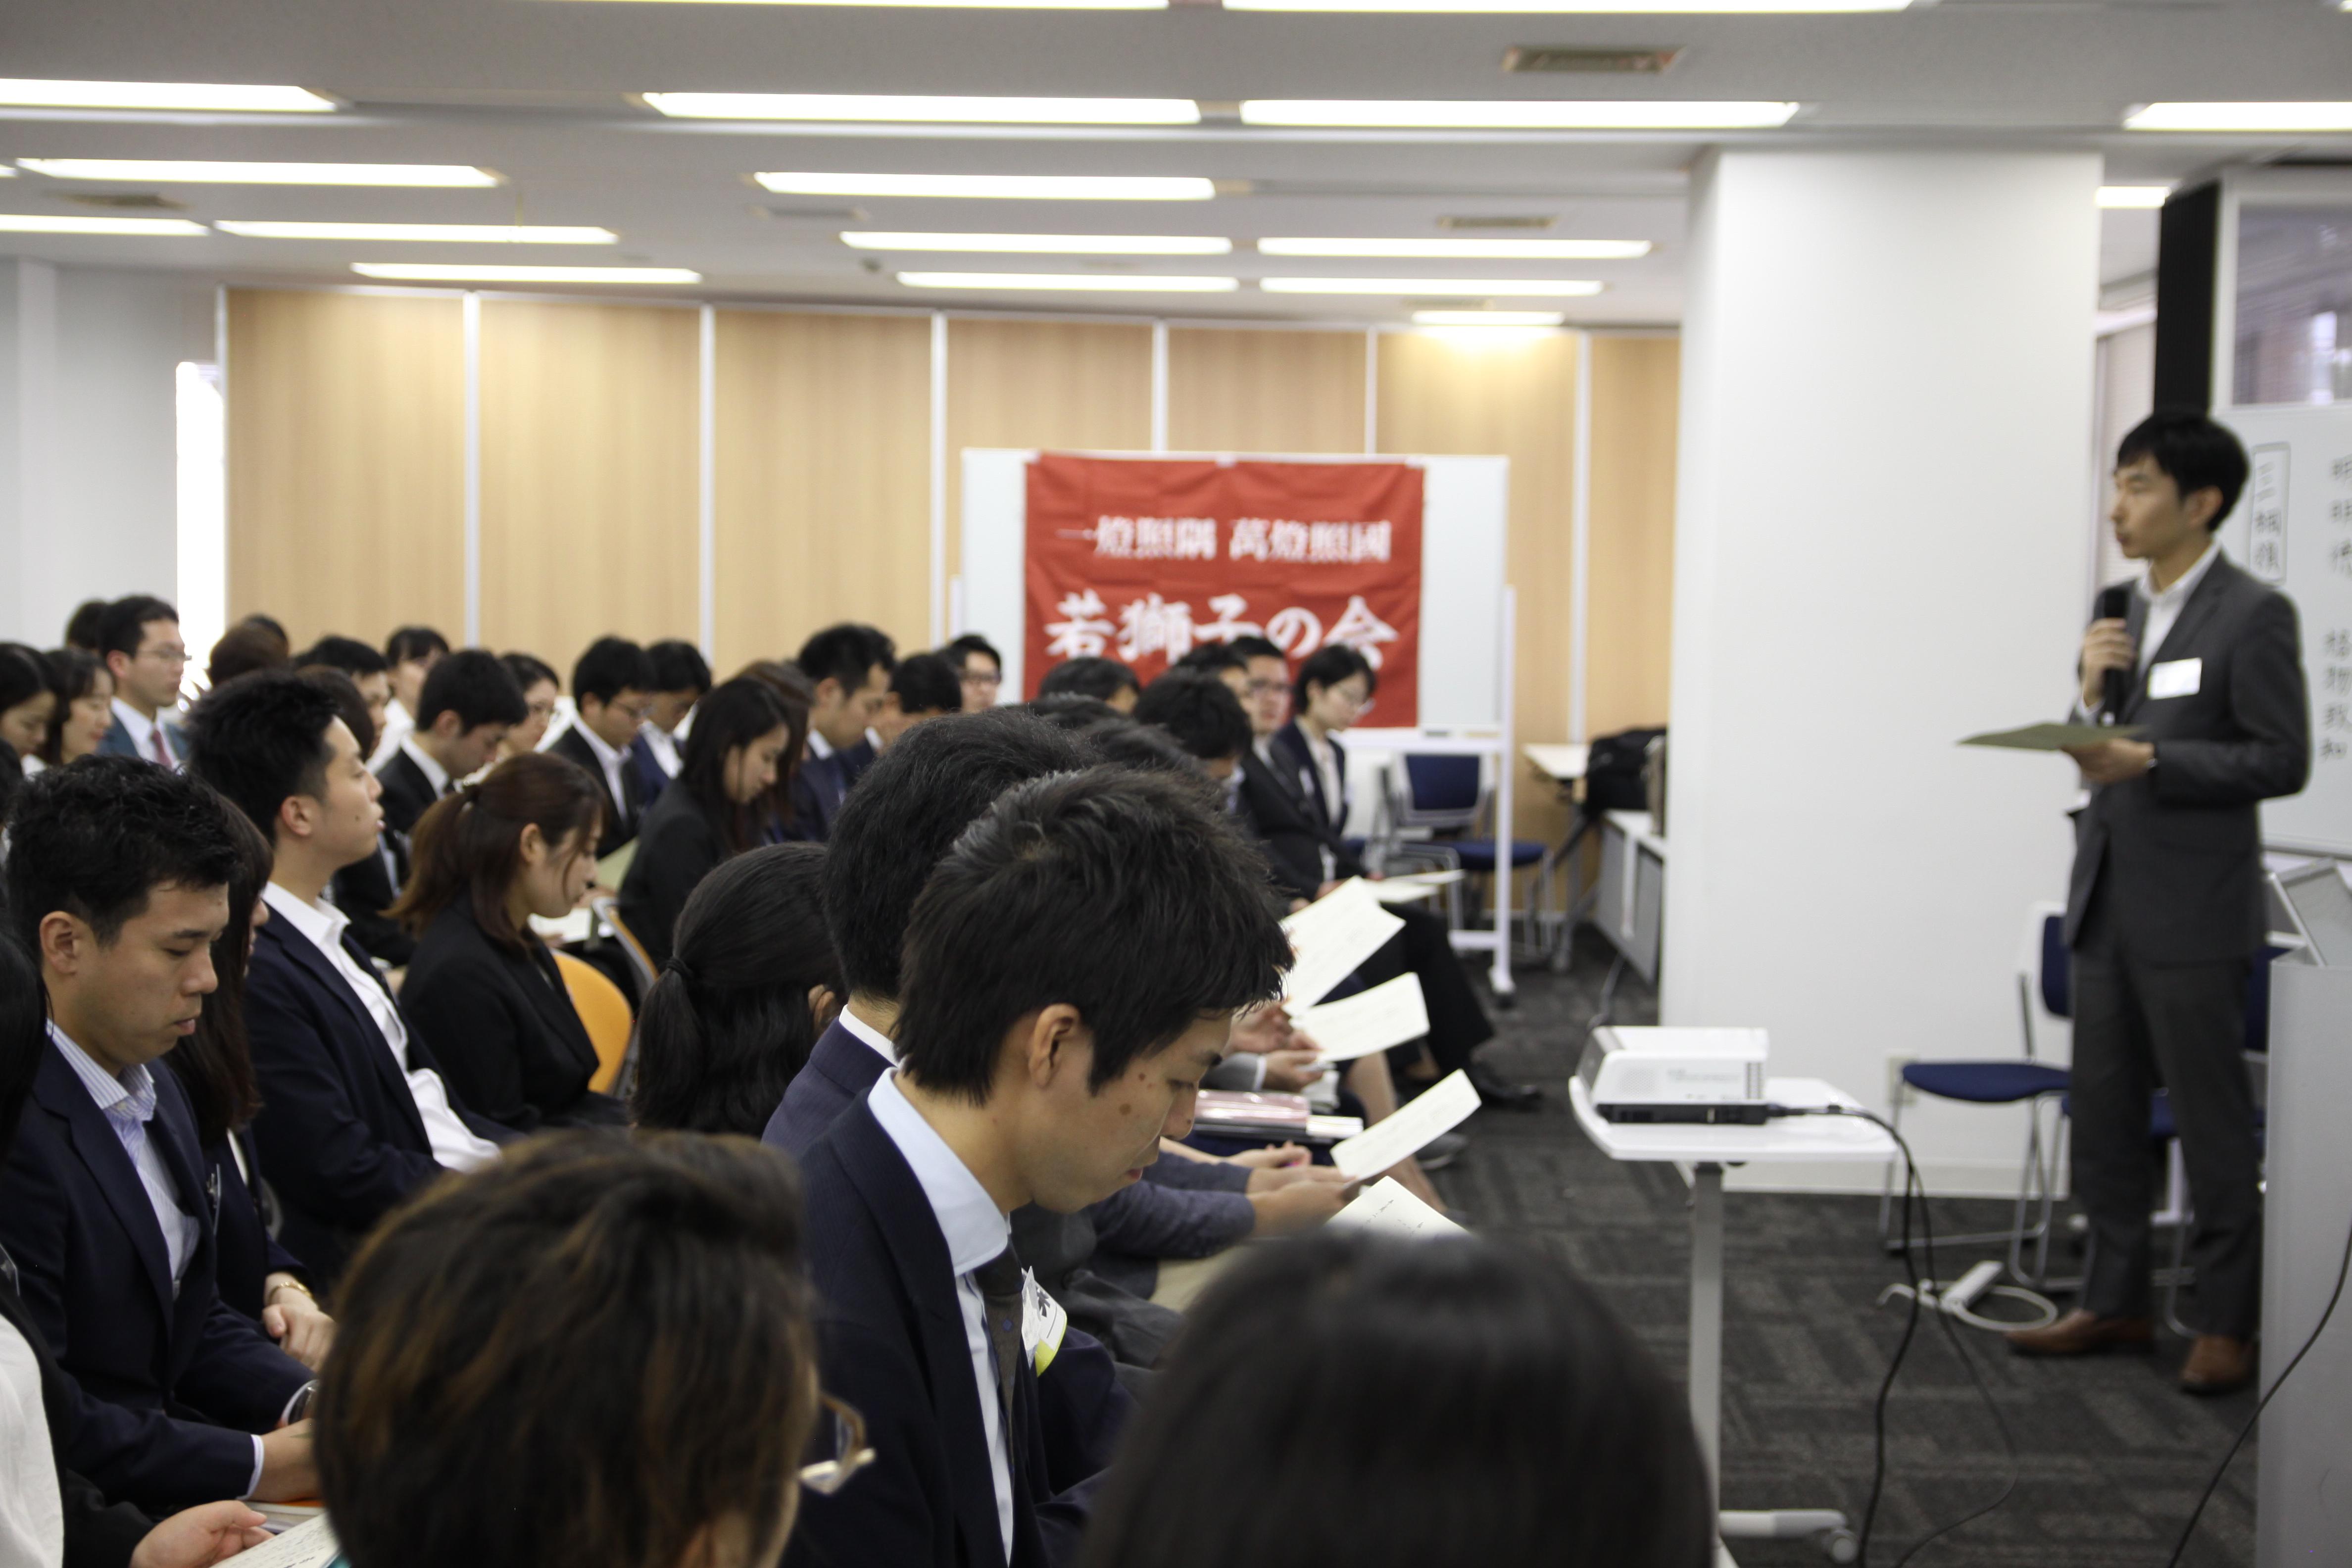 IMG 4618 - 関東若獅子の会、記念すべき第100回